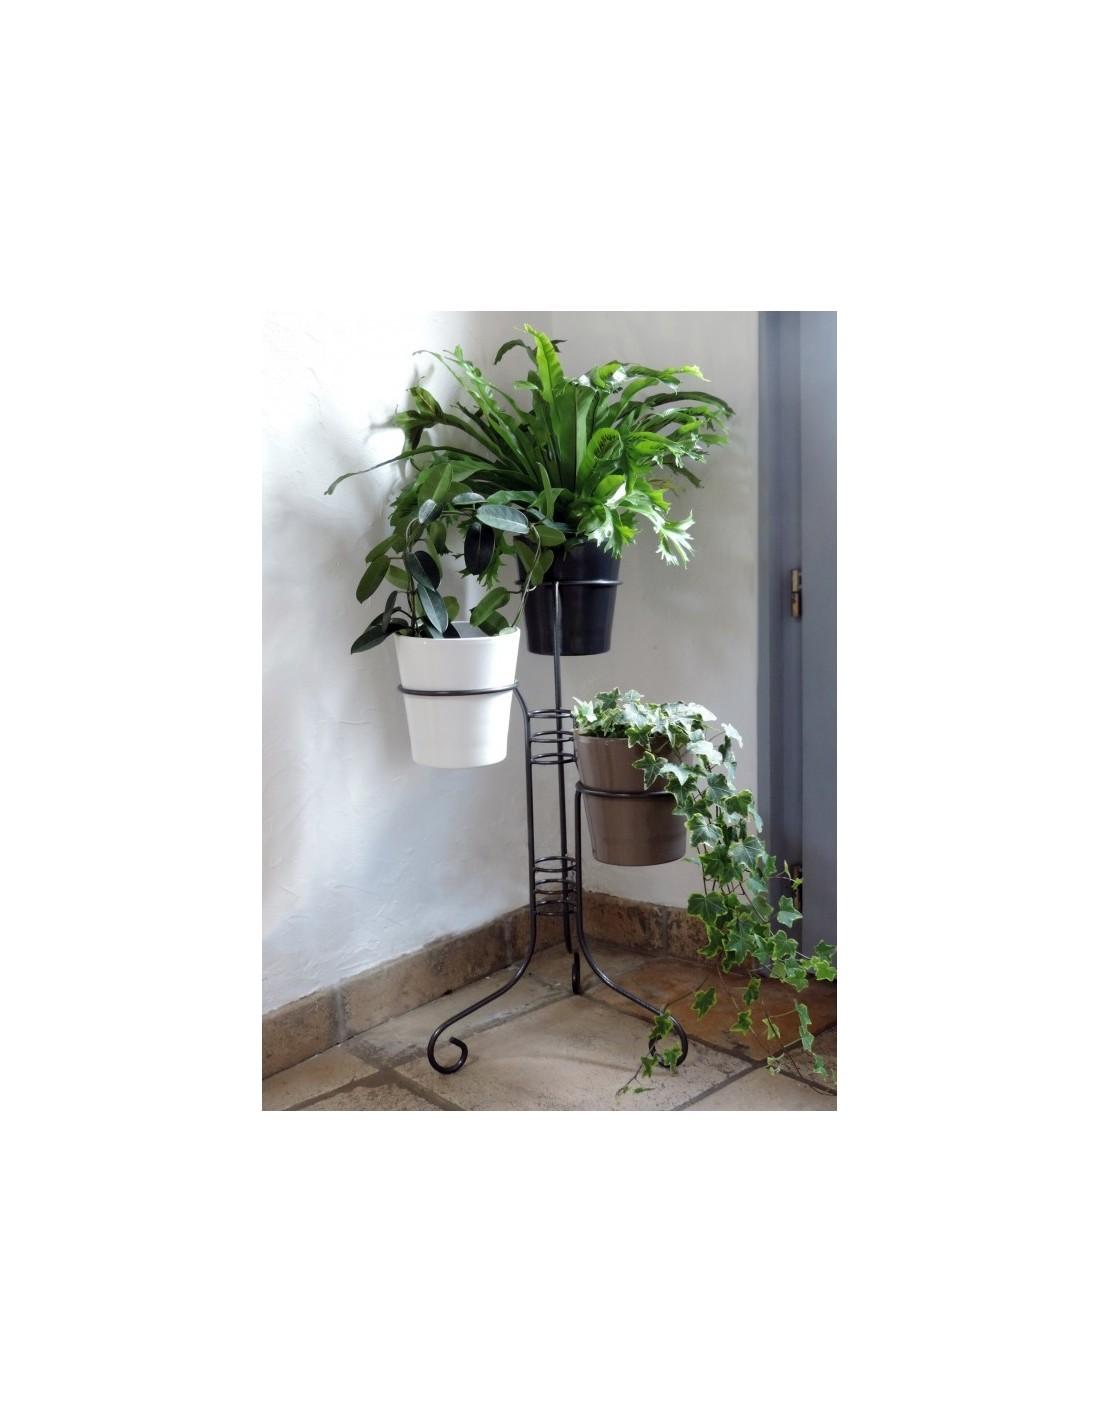 porte plantes 3 pots coloris gris martel louis moulin. Black Bedroom Furniture Sets. Home Design Ideas